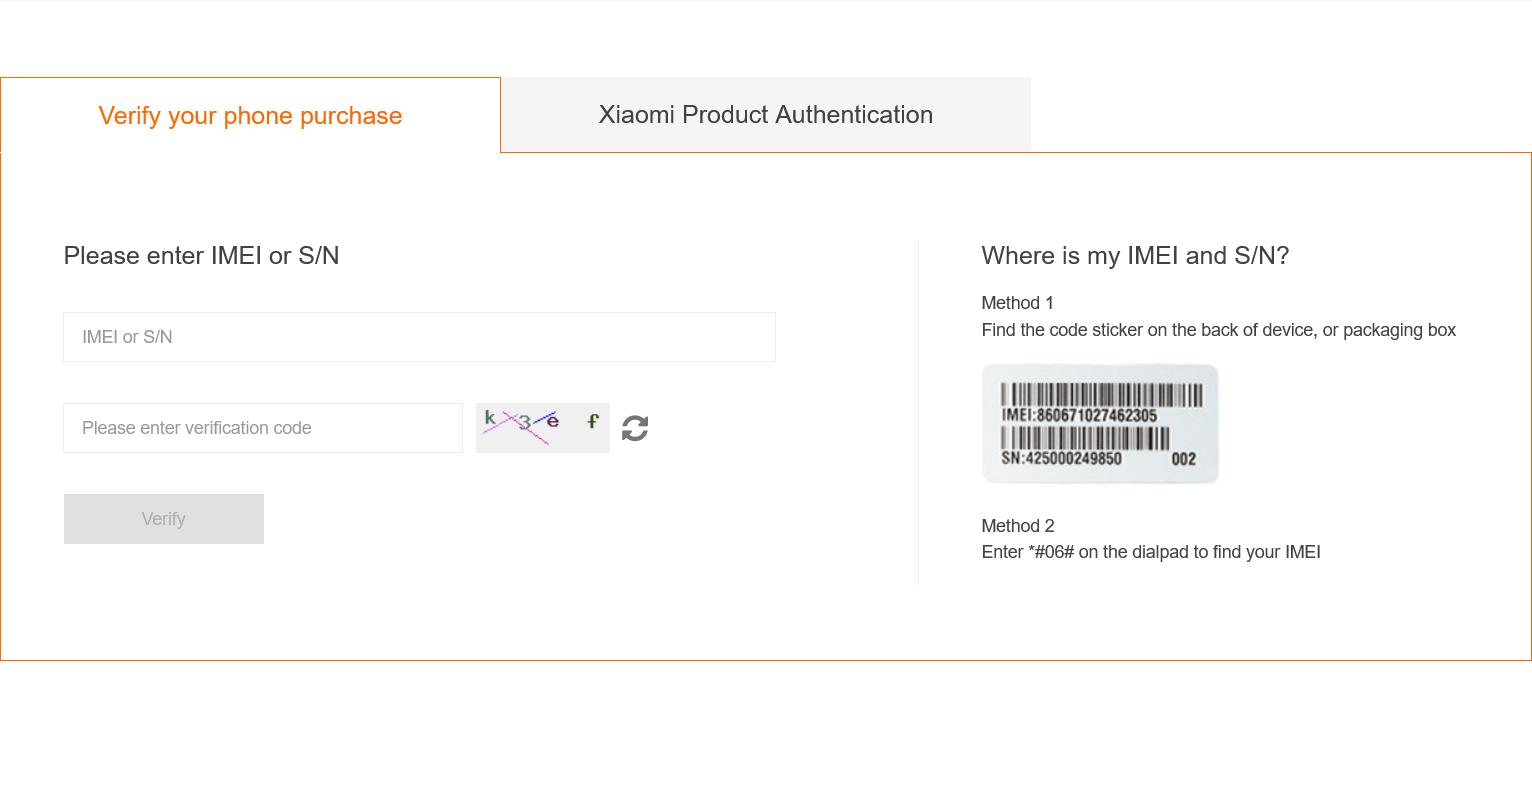 Сервис по проверке телефона Xiaomi на подлинность